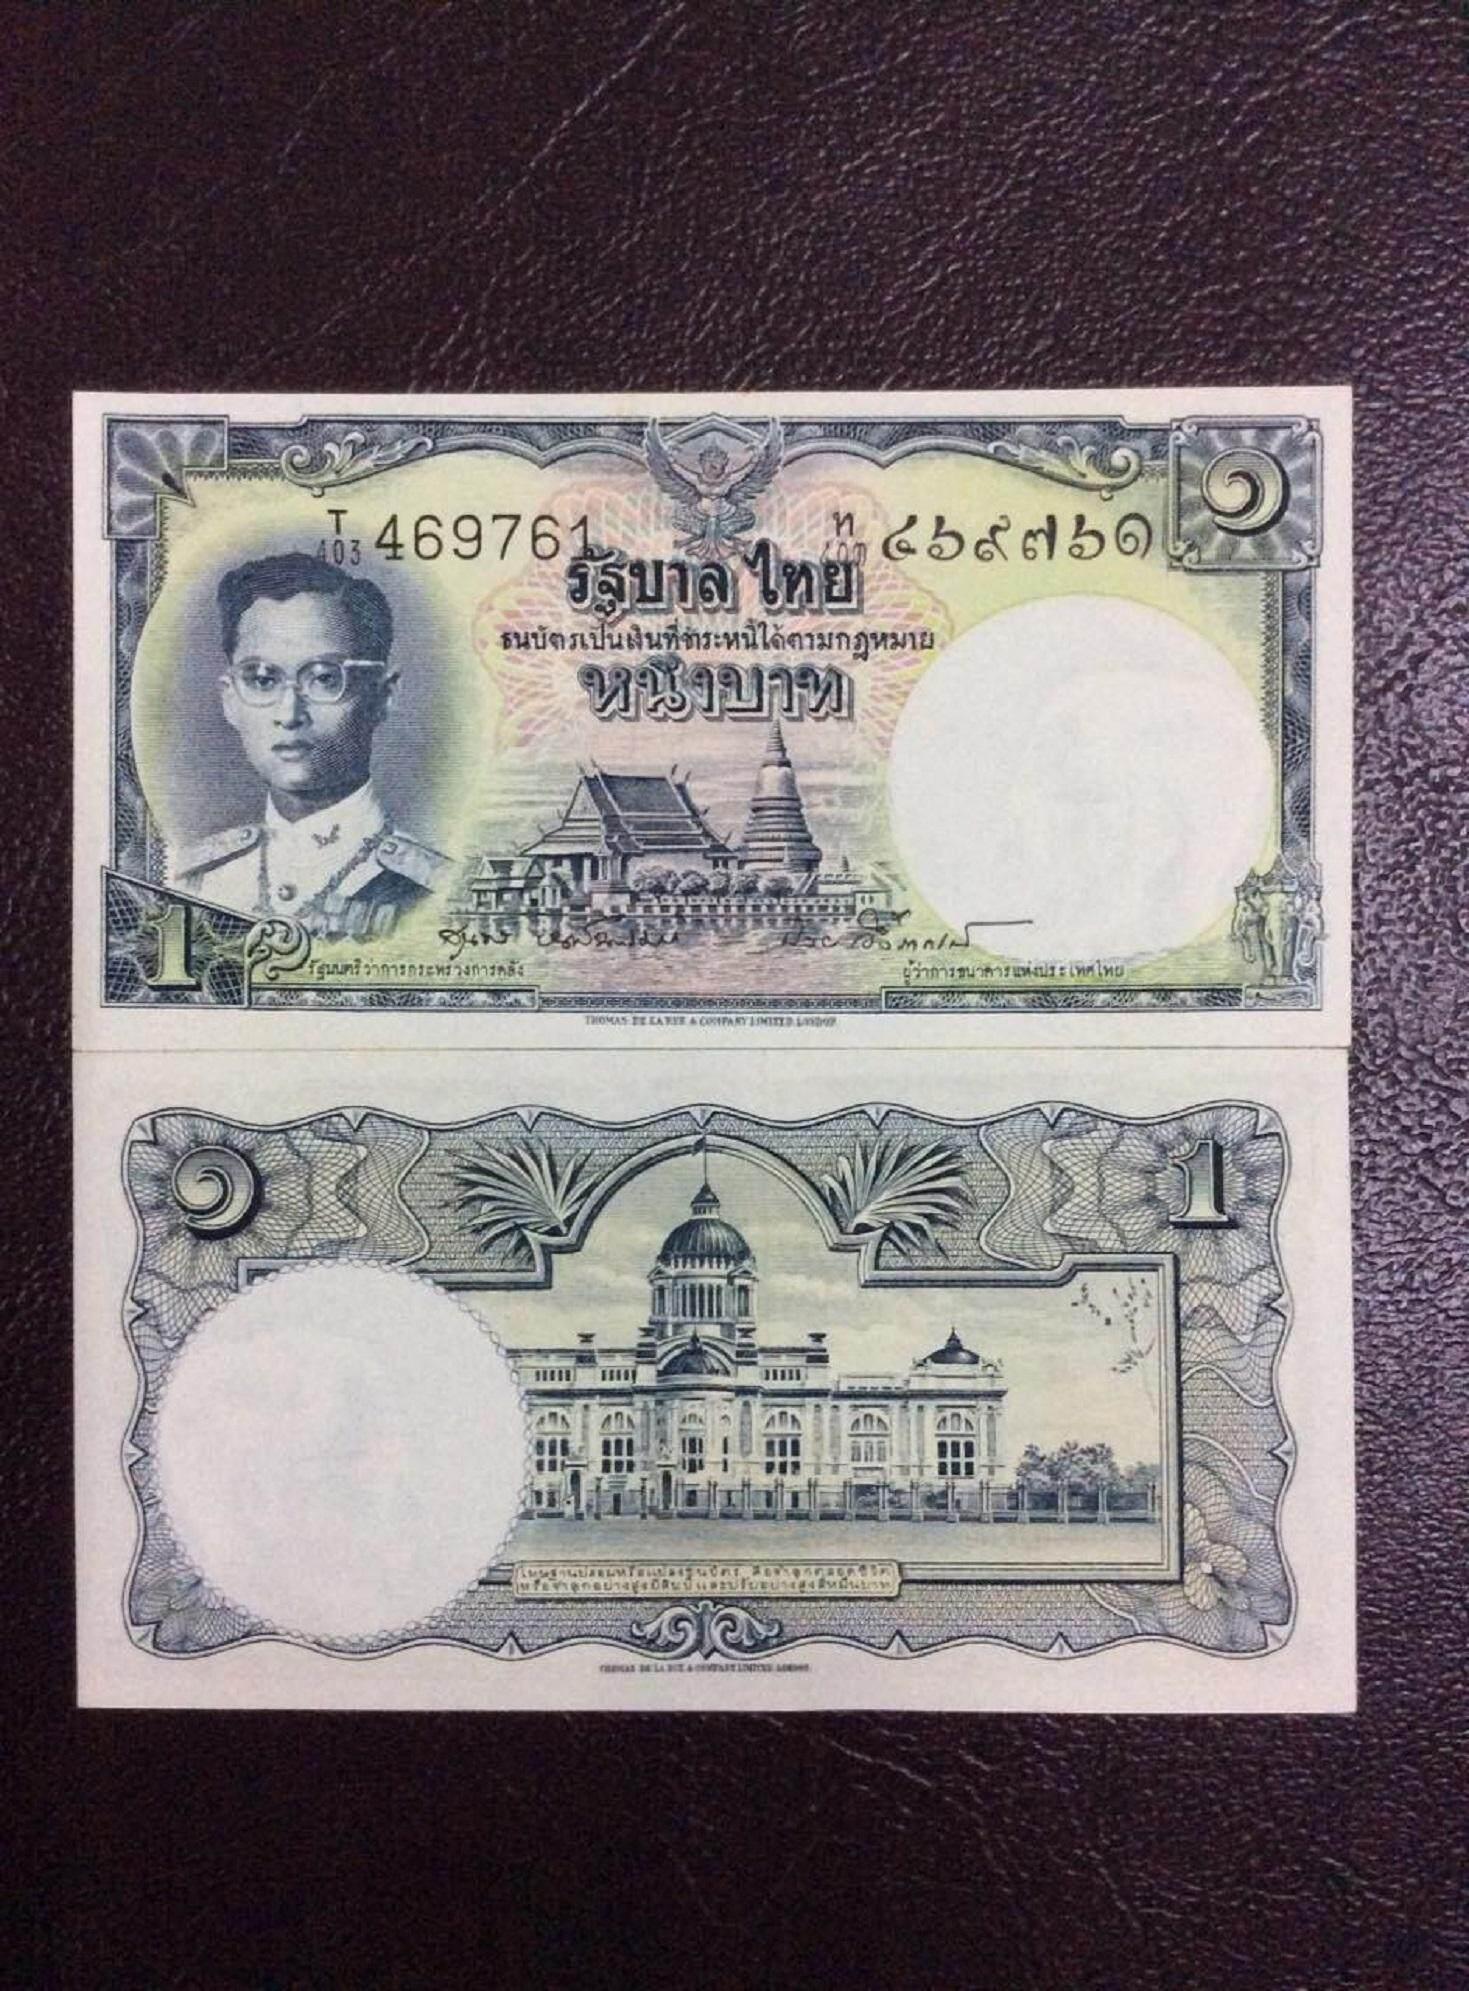 ธนบัตรหมุนเวียน ยุครัชกาลที่ 9 ธนบัตรแบบ 9 ชนิดราคา 1 บาท รุ่น 5 (สภาพไม่ผ่านการใช้งาน) จำนวน 1 ใบ